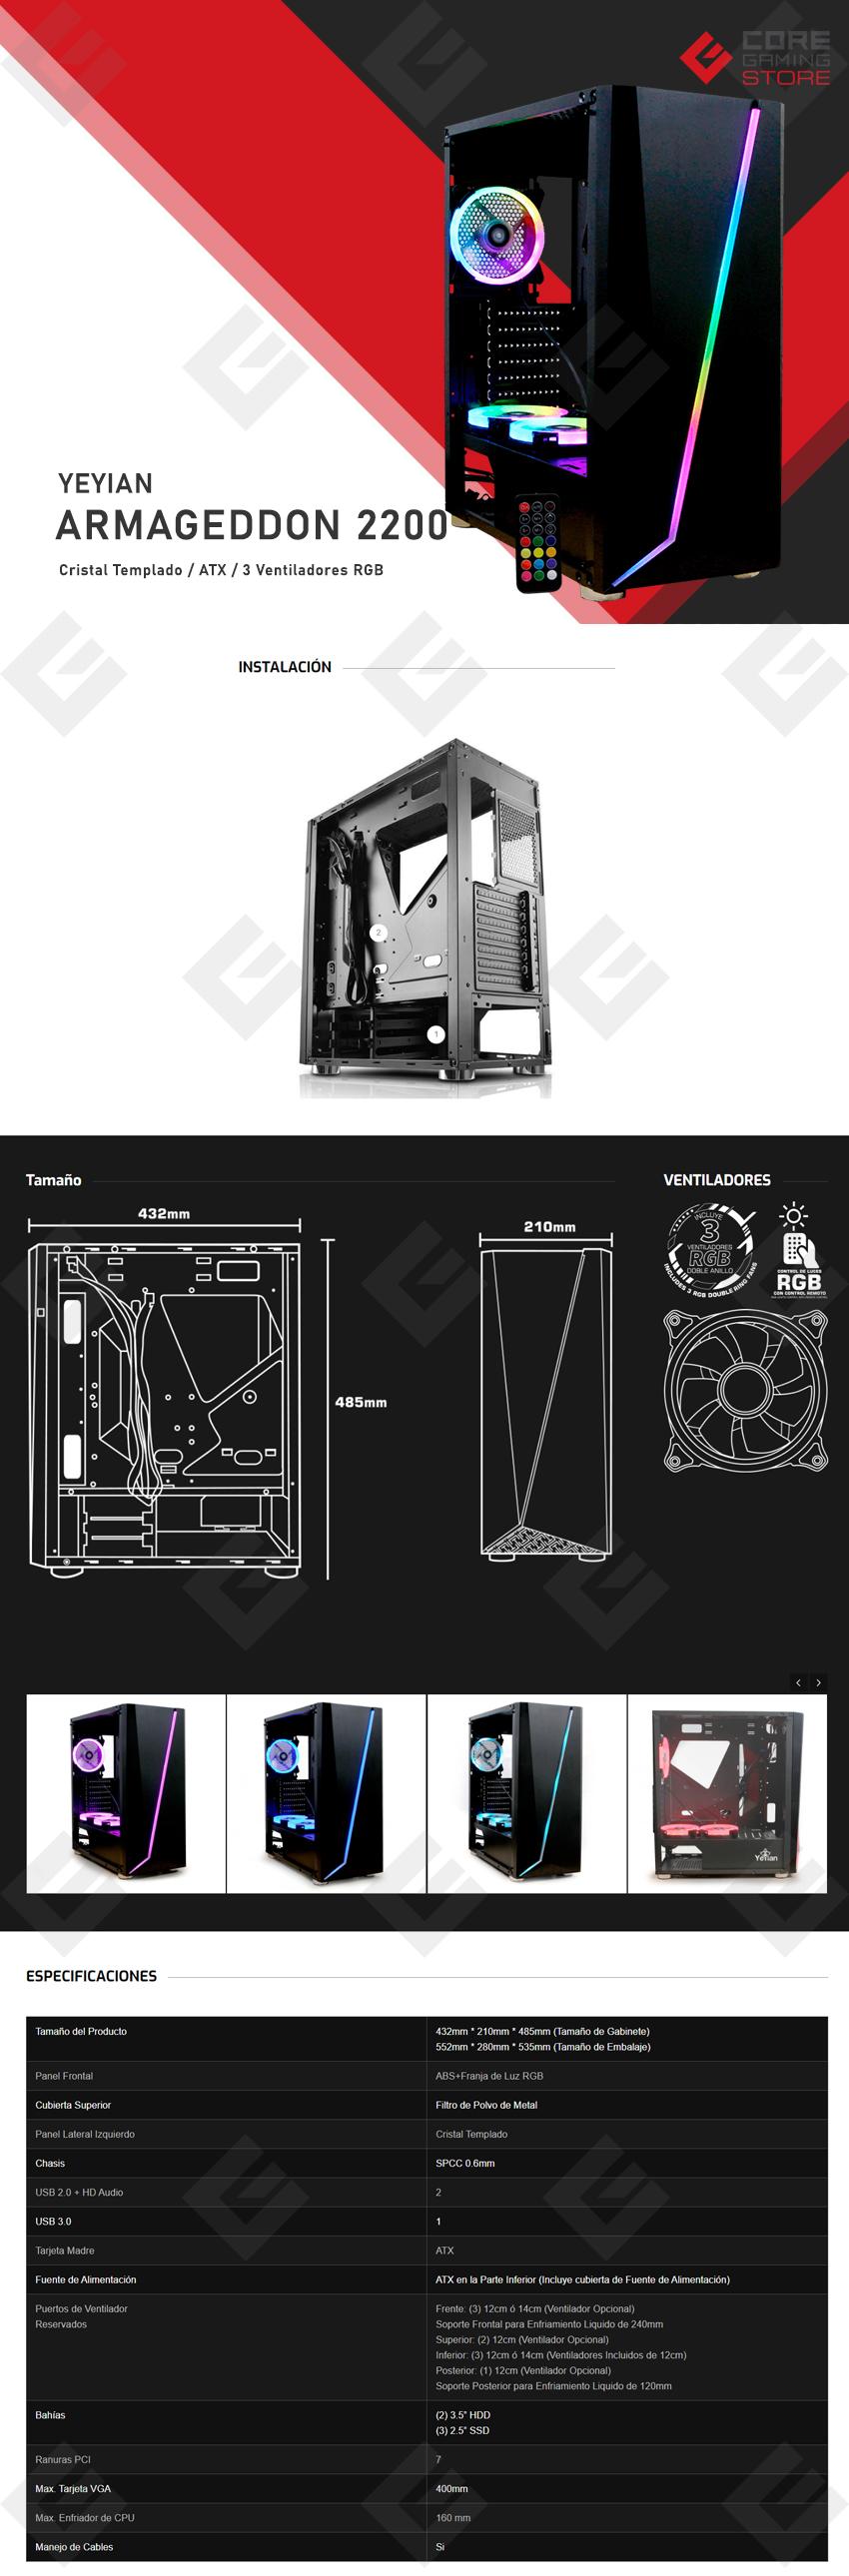 Gabinete Yeyian Armageddon 2200, Cristal Templado, 3 ventiladores RGB, YGA-68809